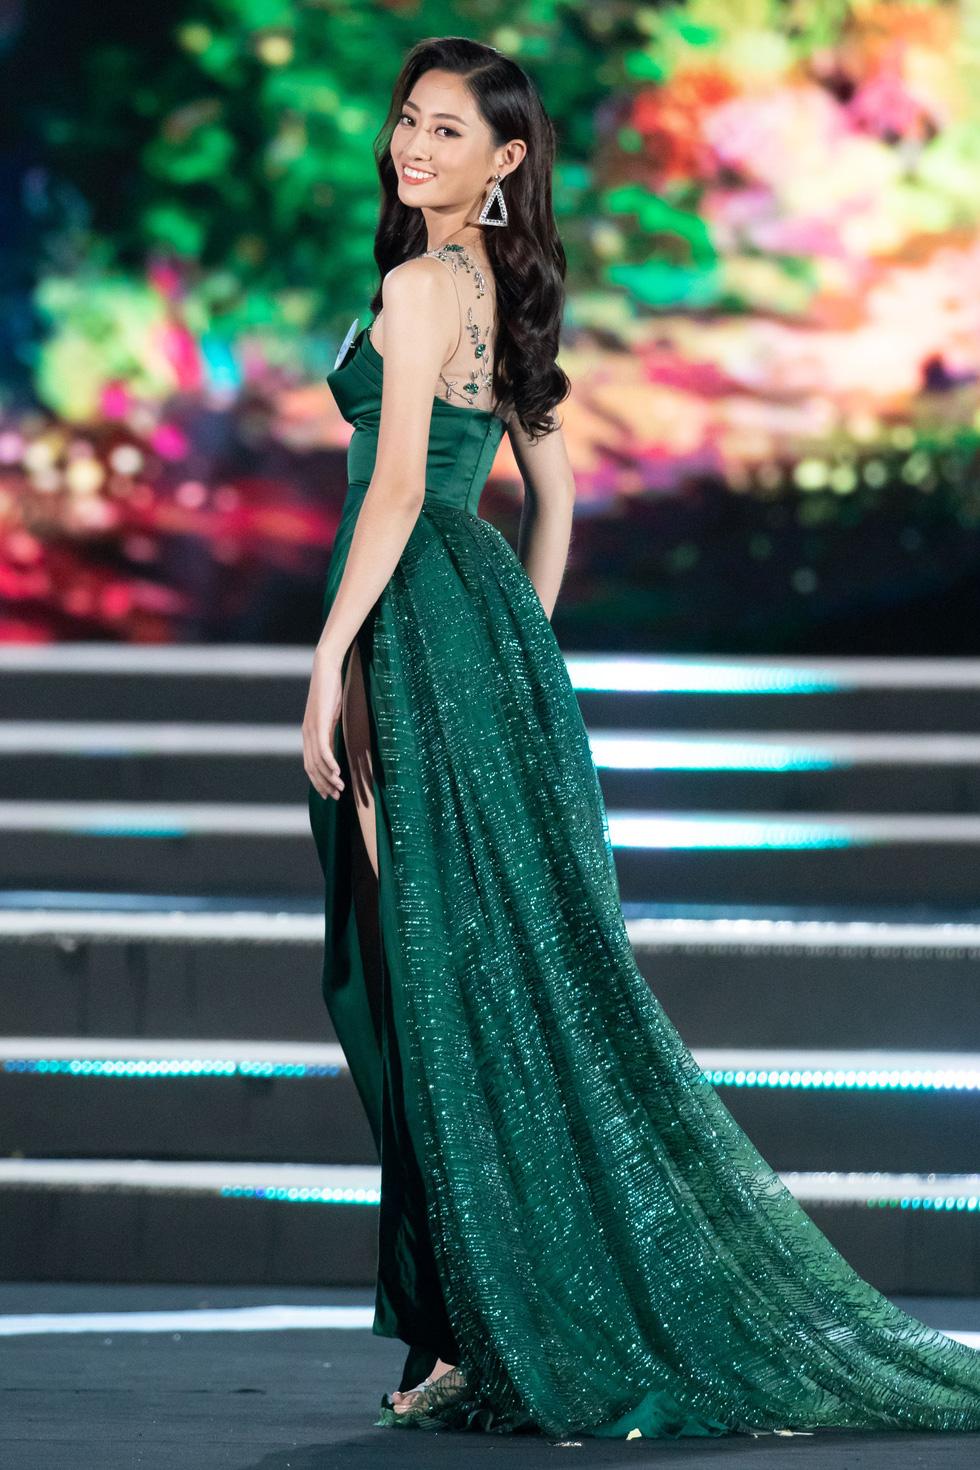 Hoa hậu Thế giới Việt Nam 2019 gọi tên nữ sinh Ngoại thương Hà Nội - Ảnh 2.